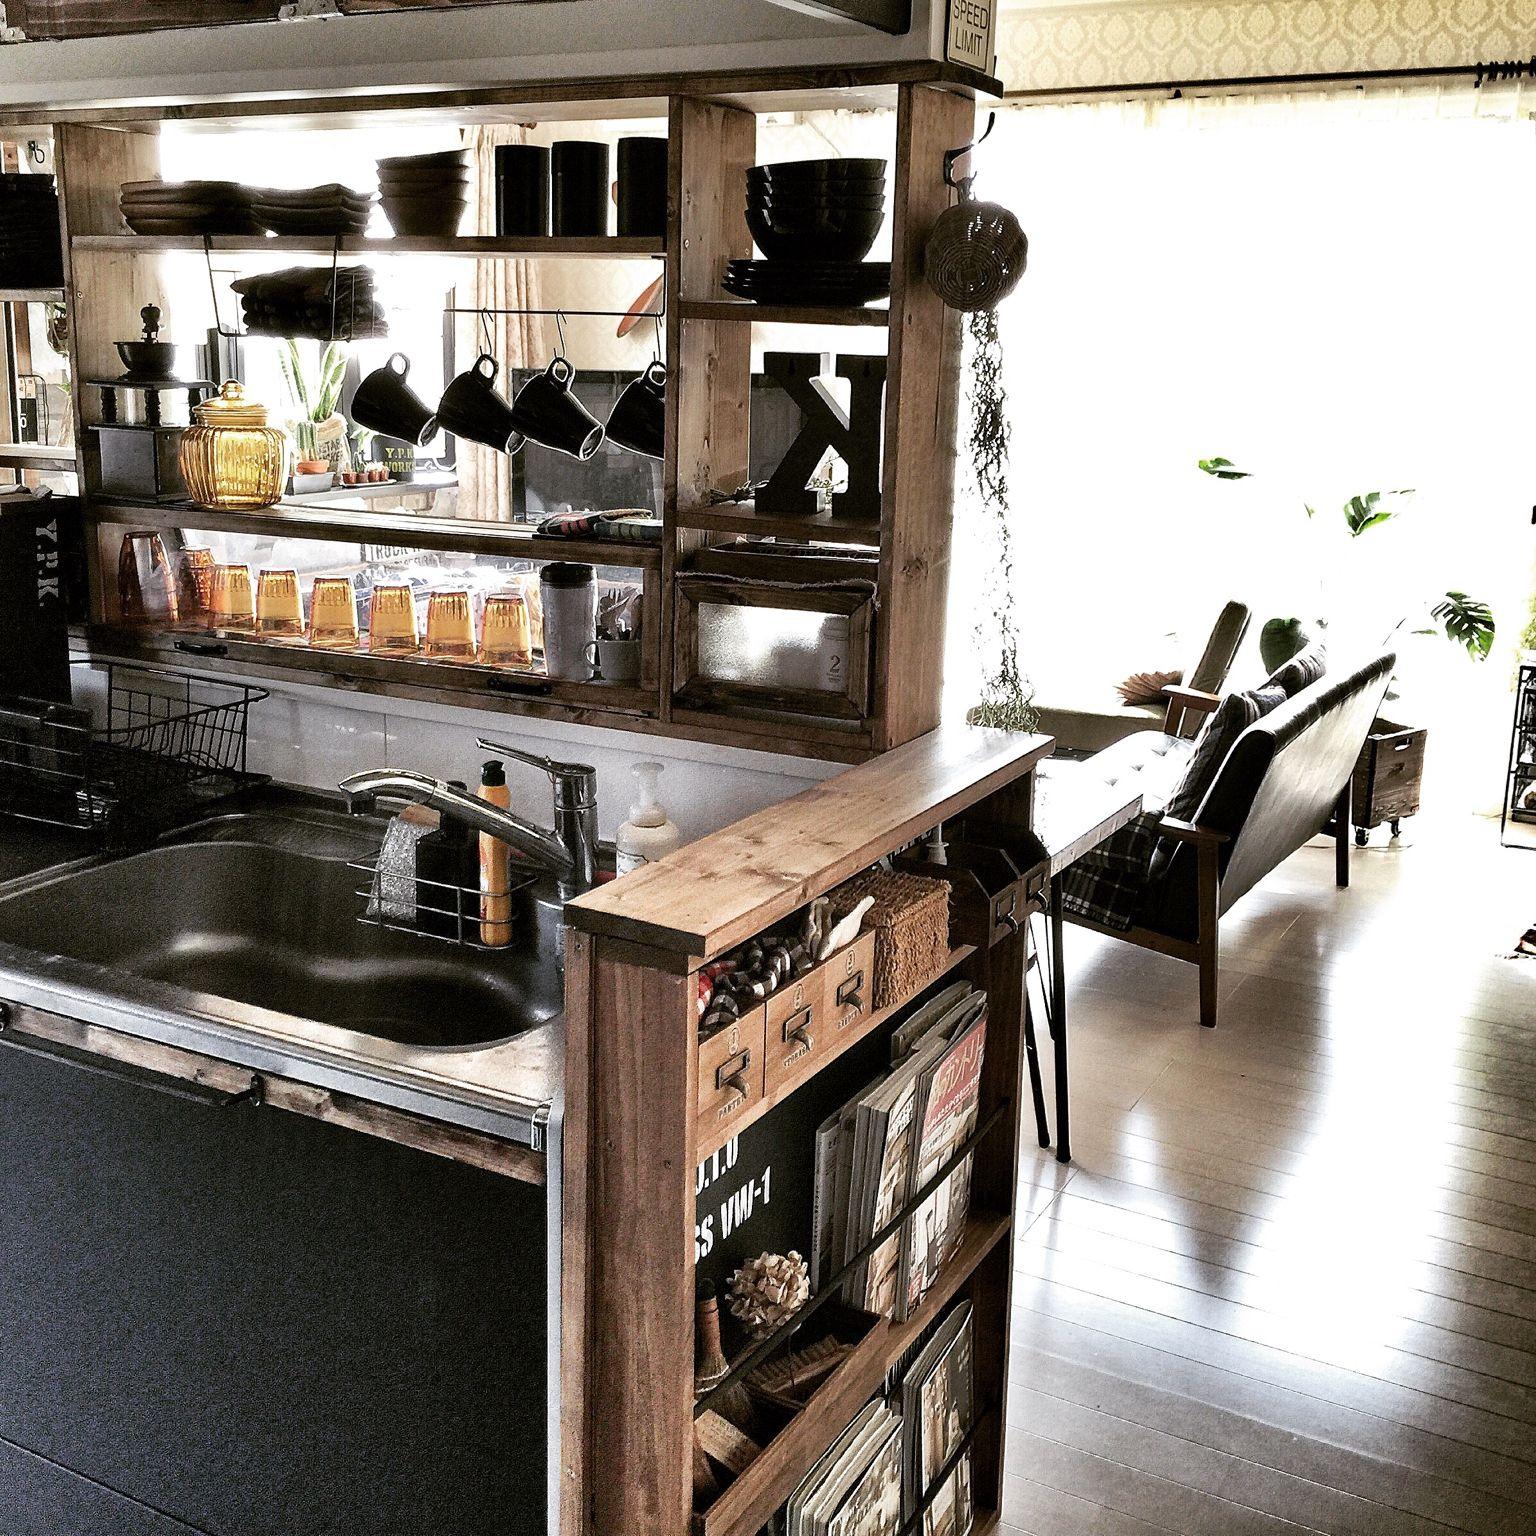 キッチン カウンター棚diy 見せる収納 男前 カフェ風 などの